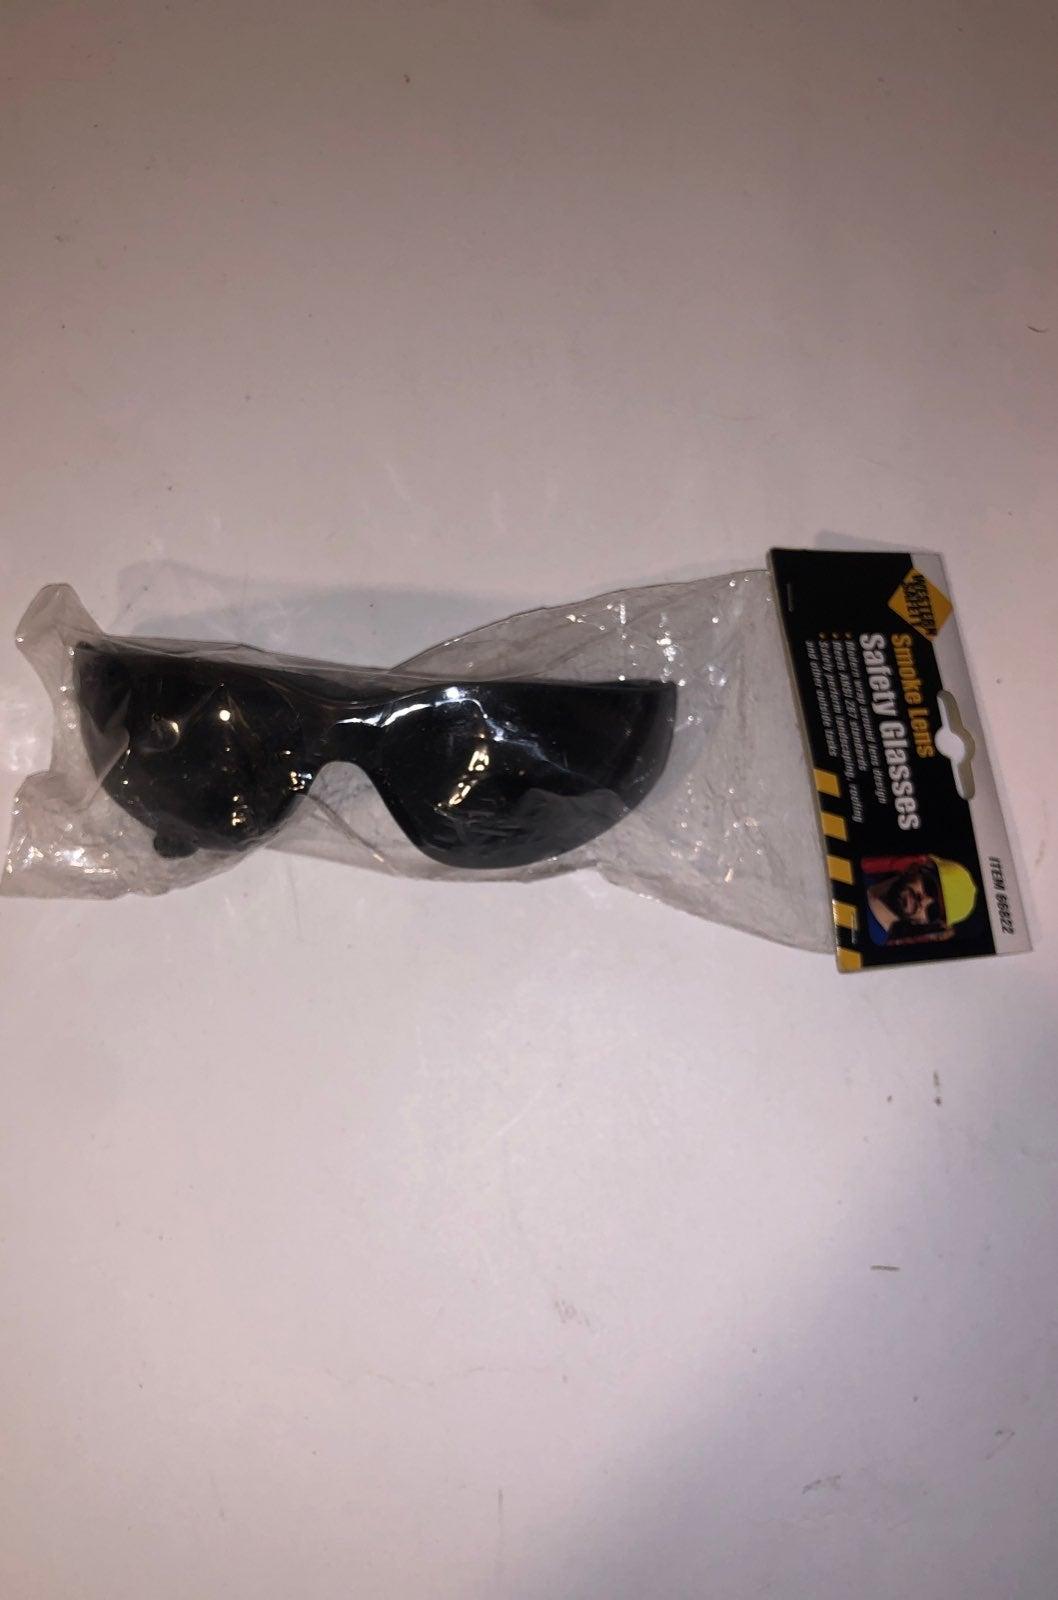 (1) Western Safety Smoke Lens Safety Gla